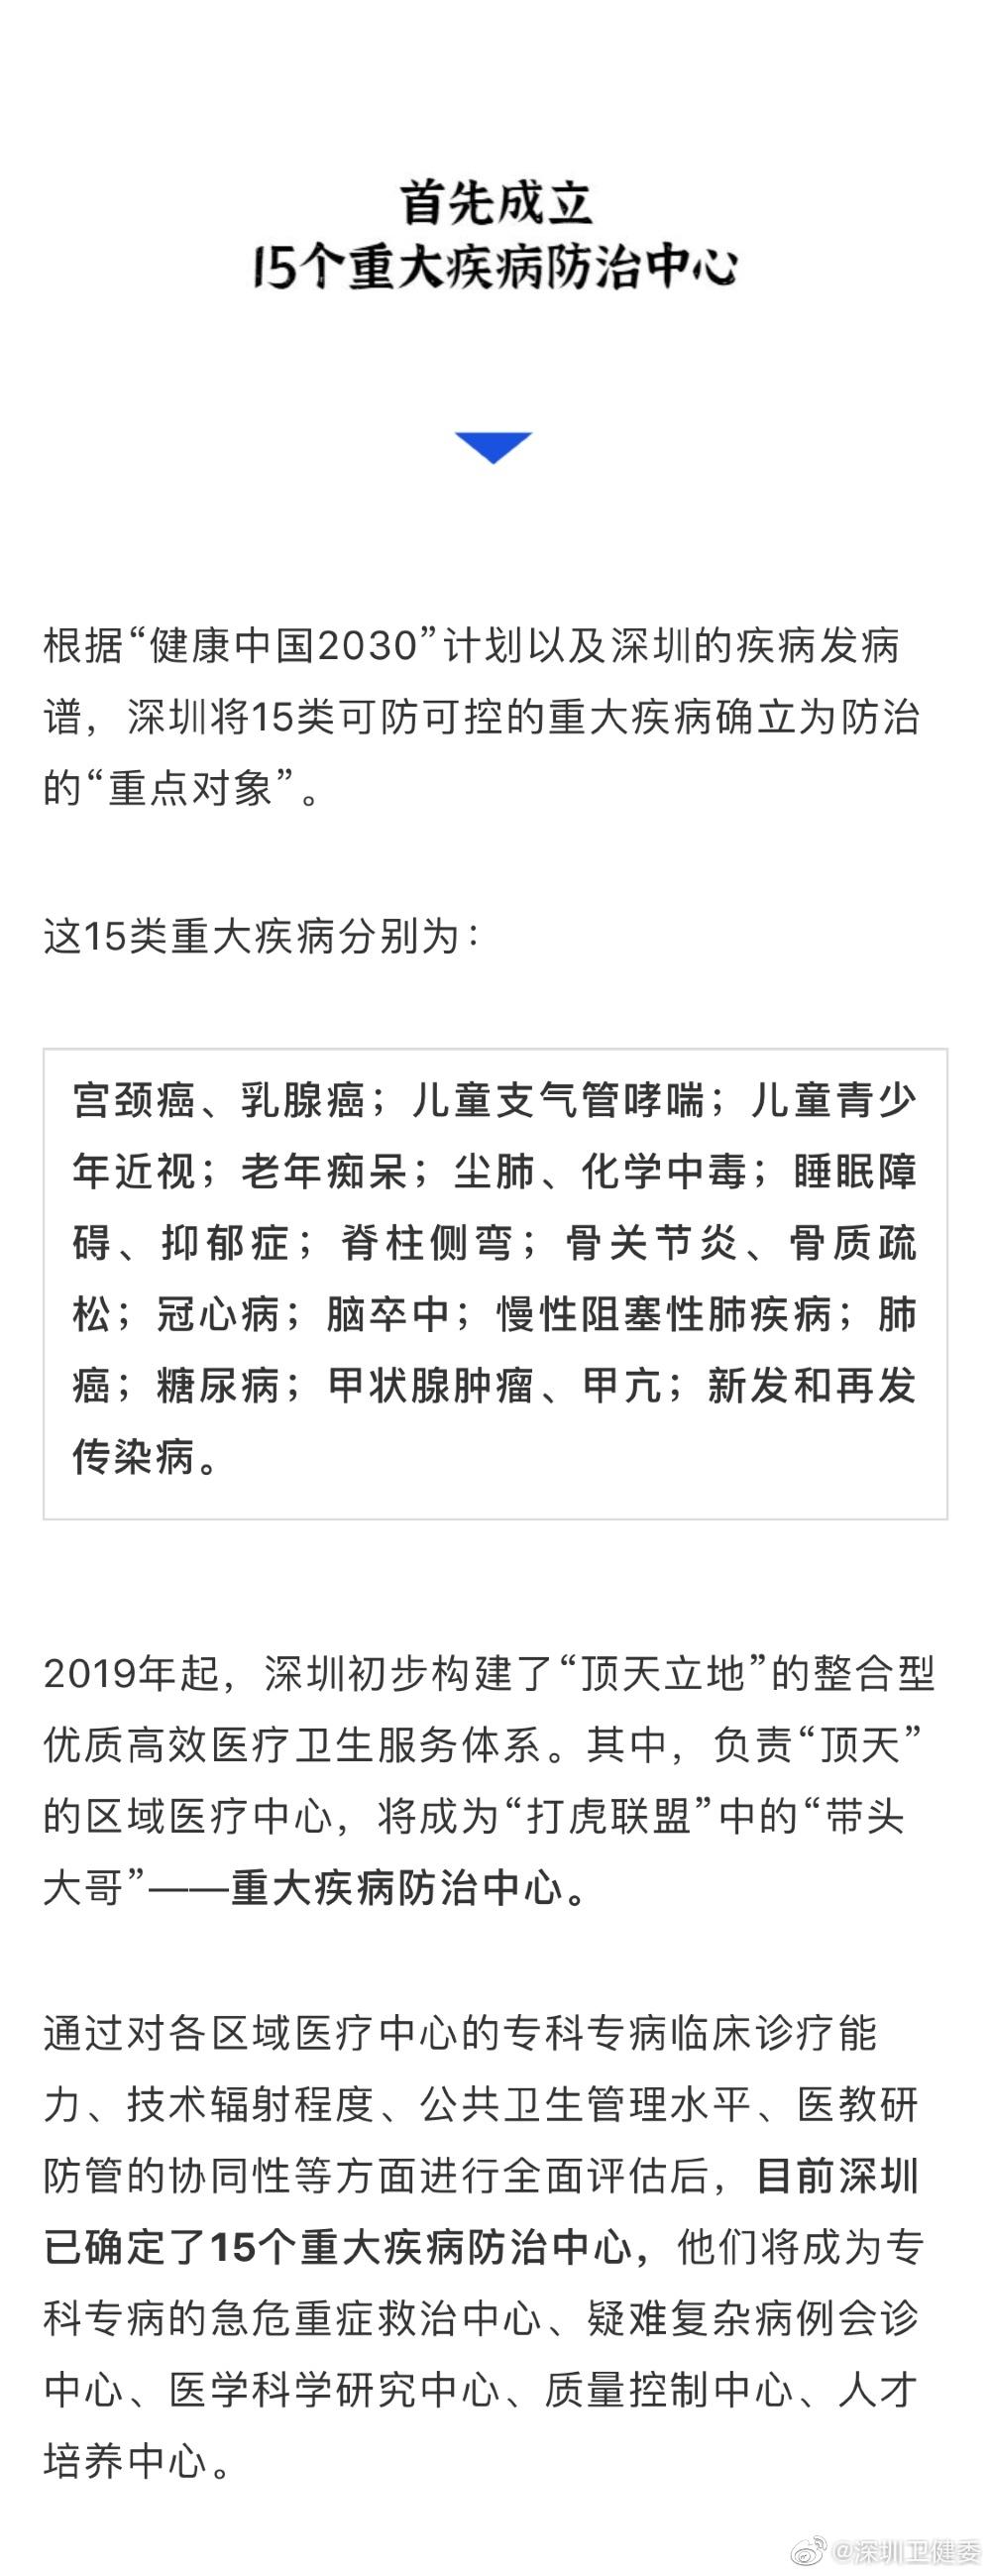 """医防结为""""打虎联盟""""!深圳成立15个重大疾病防治中心"""